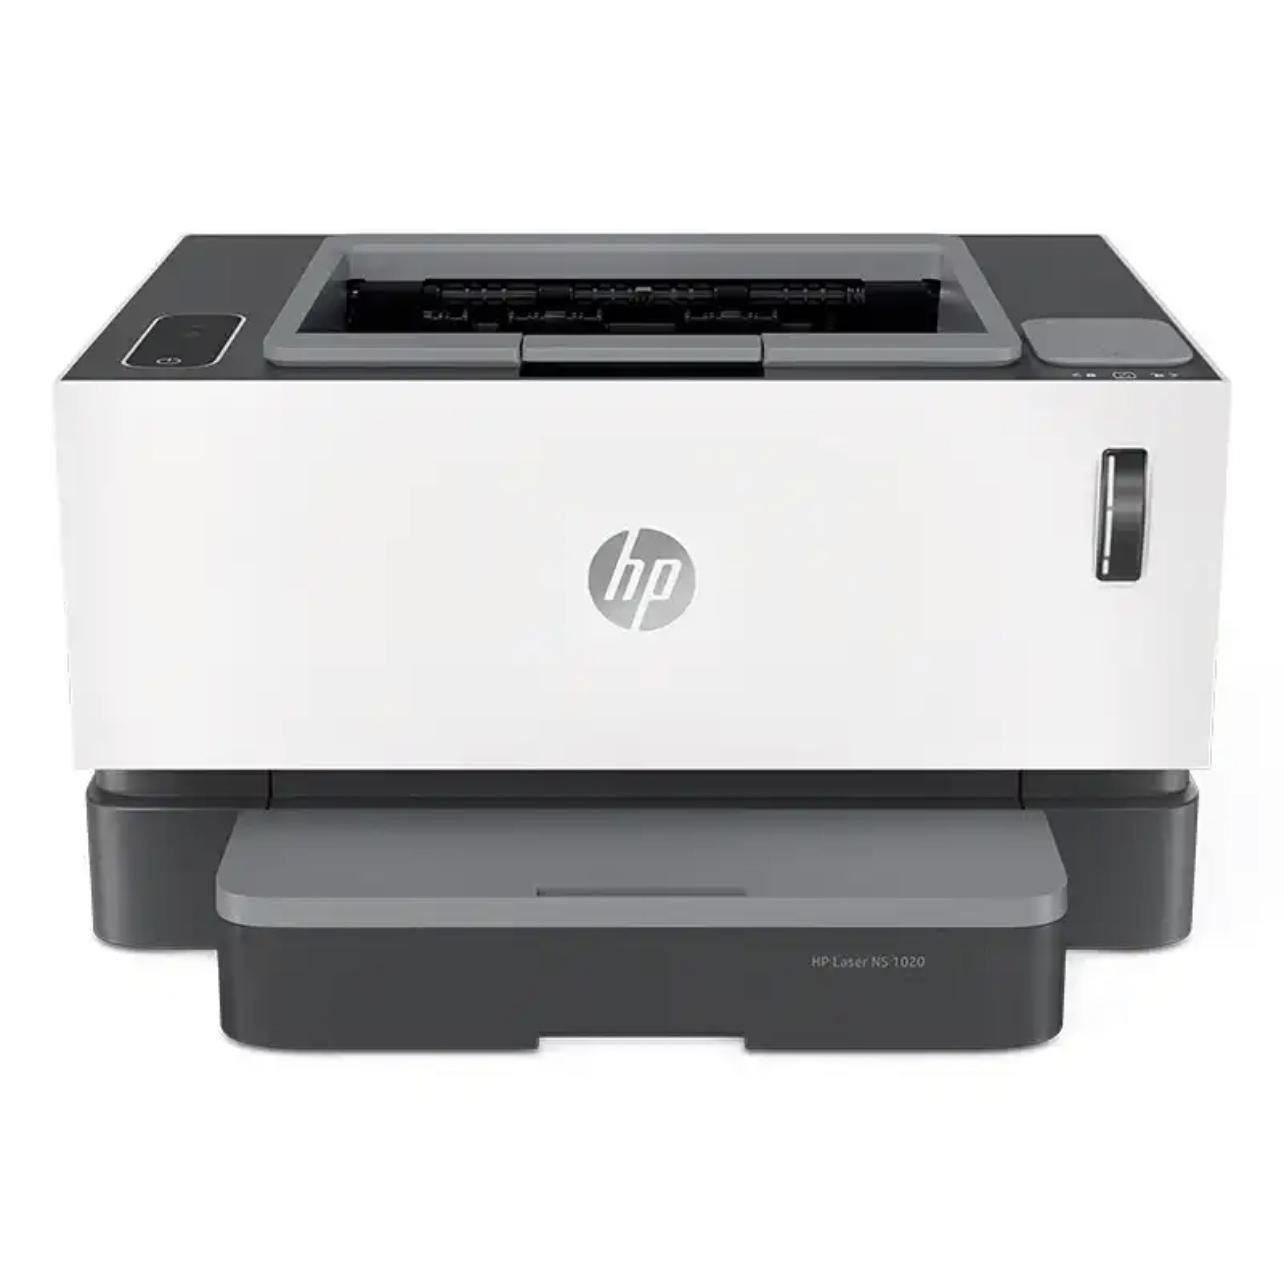 惠普(HP)NS 1020w智能闪充激光打印机1020plus升级无线款